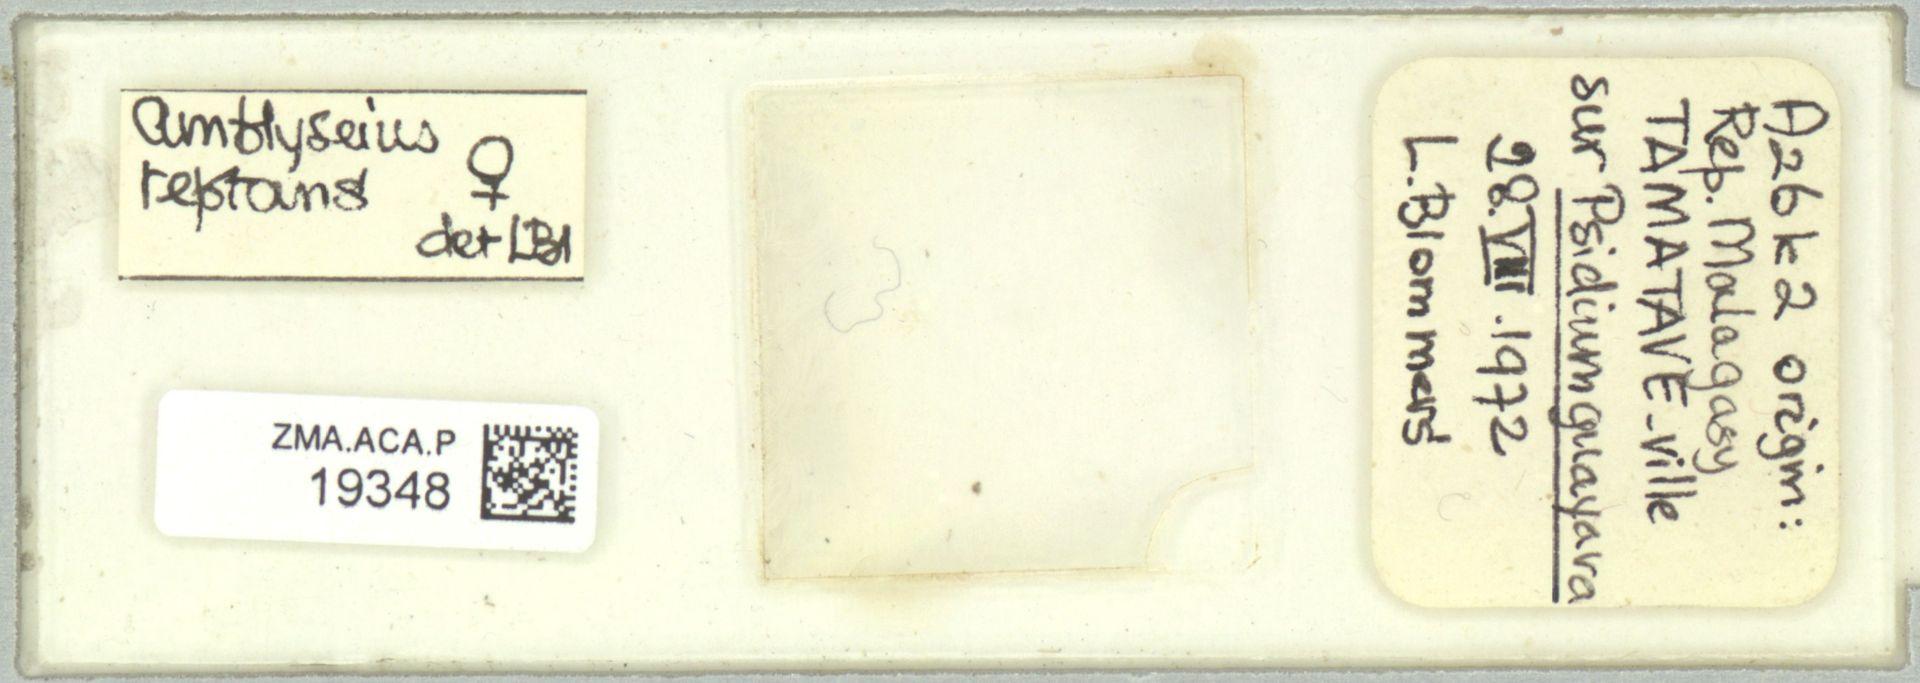 ZMA.ACA.P.19348 | Scapulaseius reptans (Blommers, 1974)